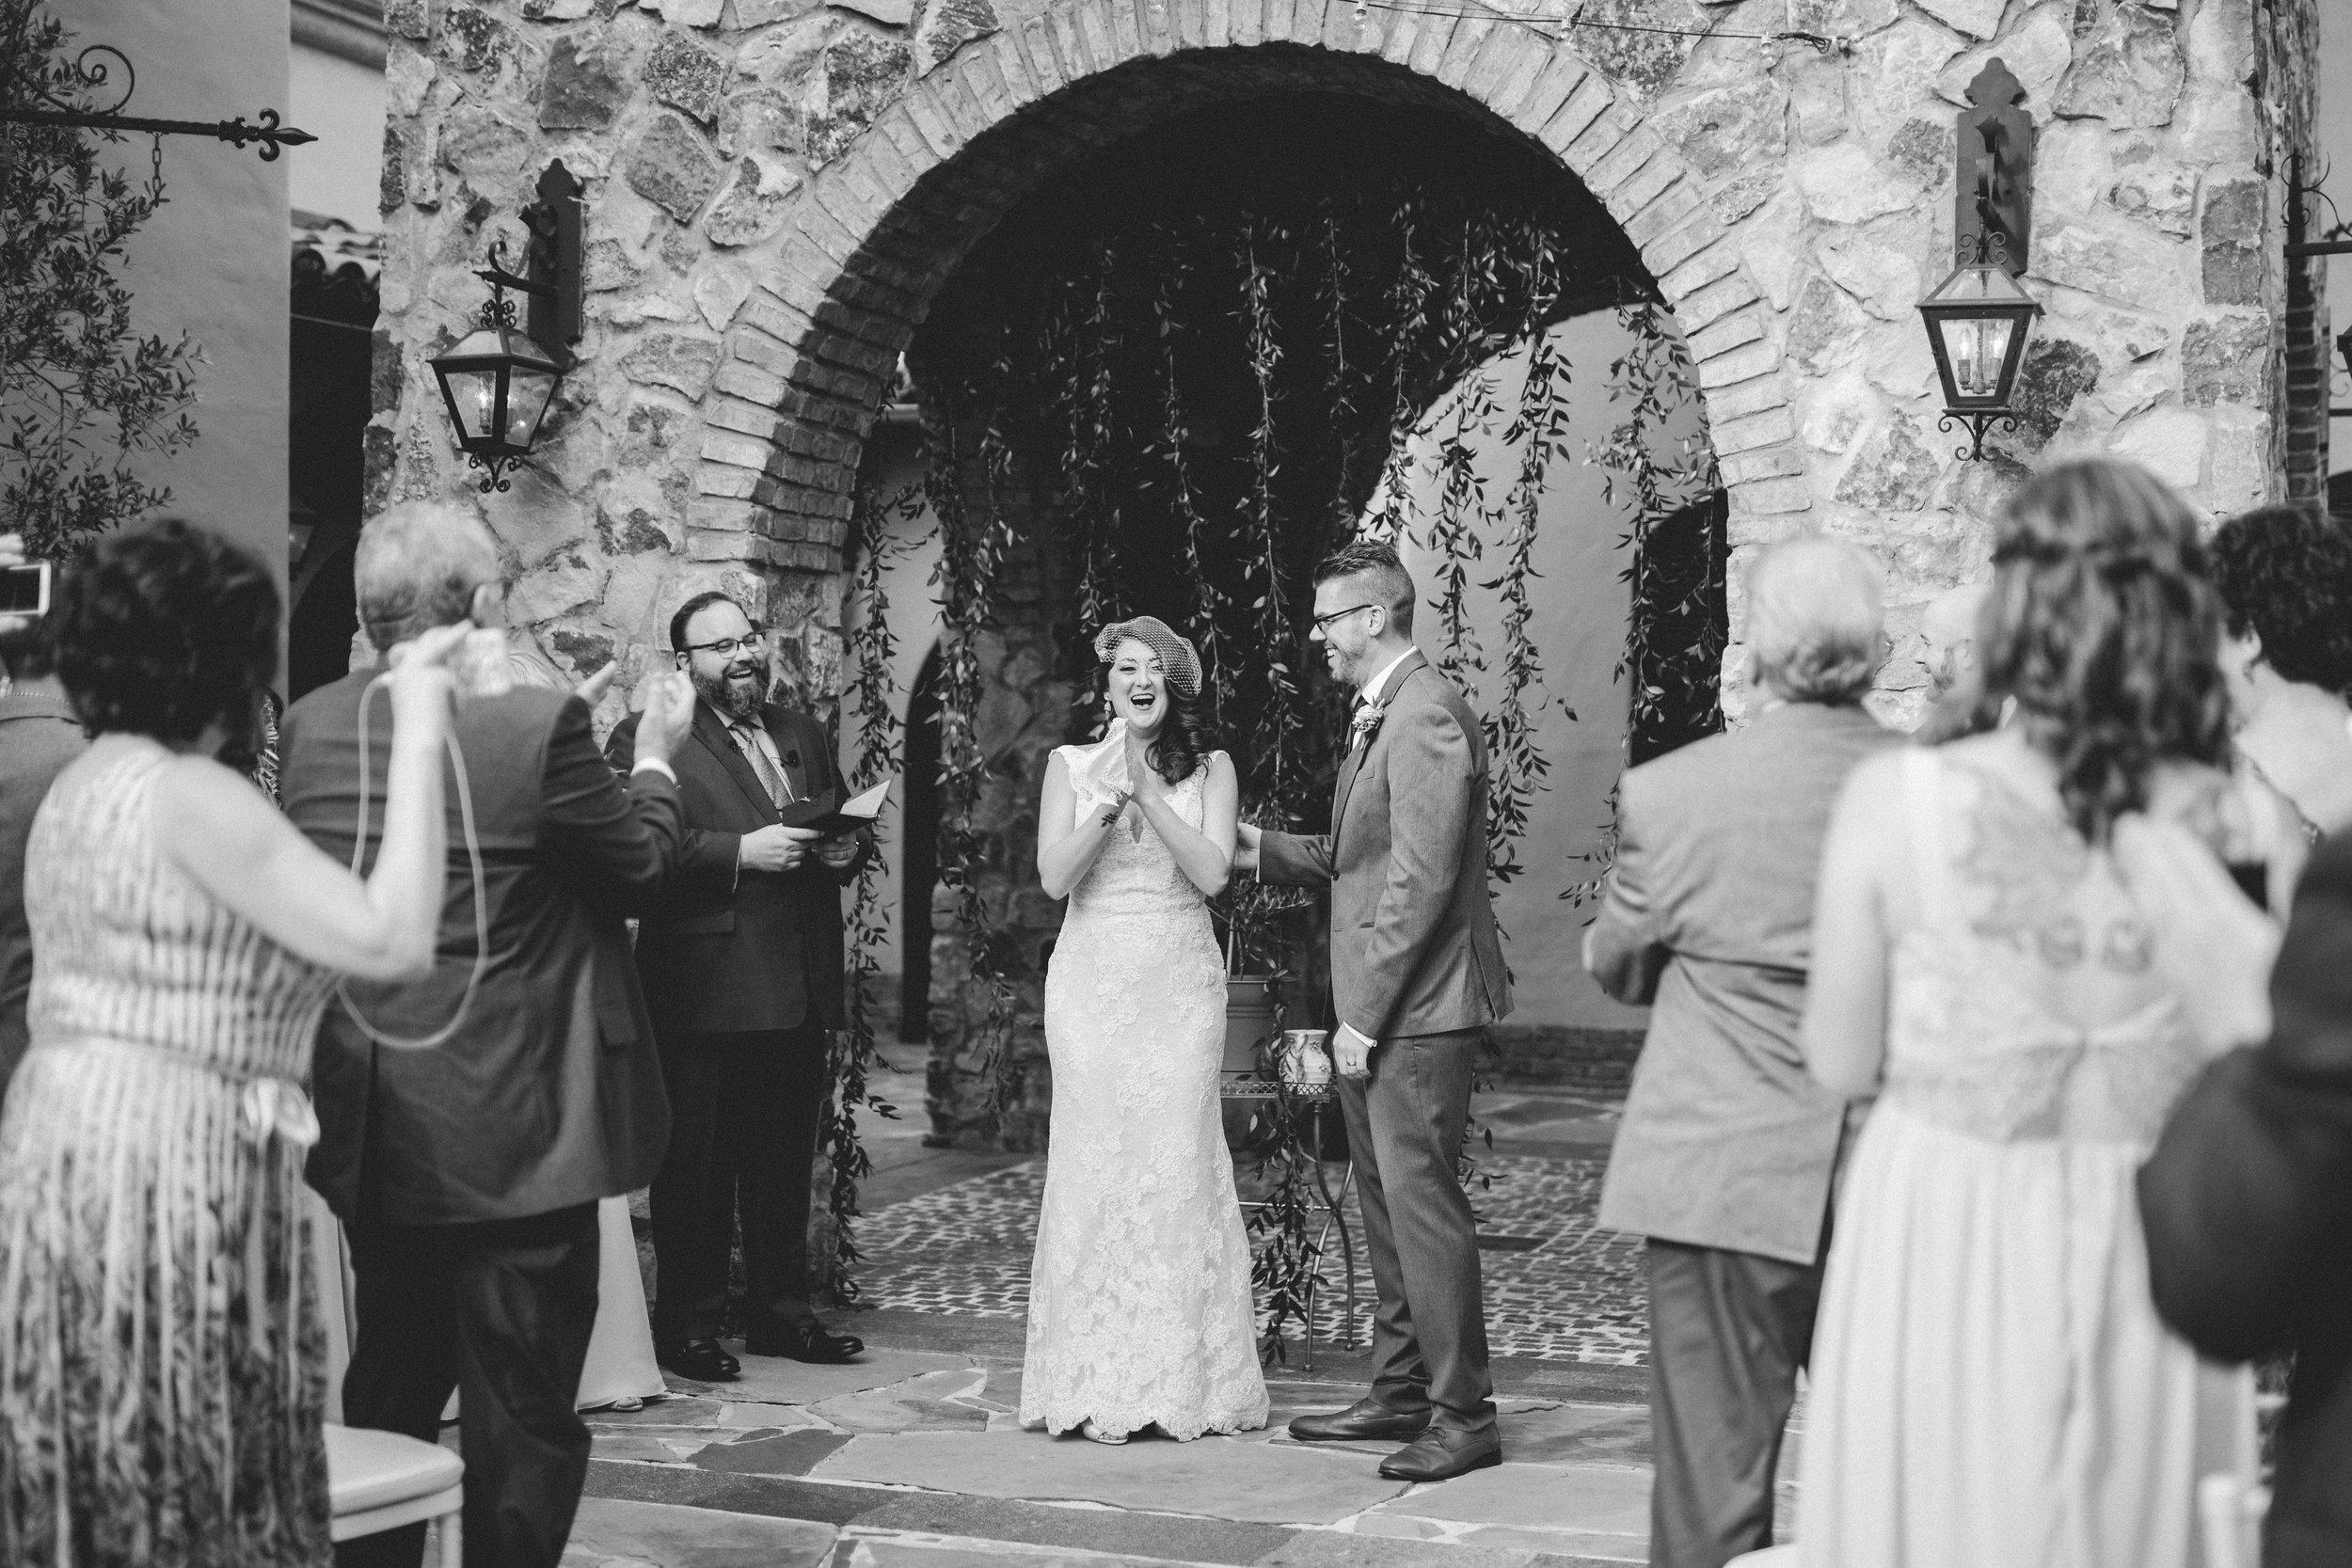 Tuscan wedding ceremony  Orlando Wedding Planner Blue Ribbon Weddings  Orlando Wedding Photographer Emma Shourds Photography  Wedding Ceremony at Bell Tower at Bella Collina  Wedding Reception in Atrium at Bella Collina